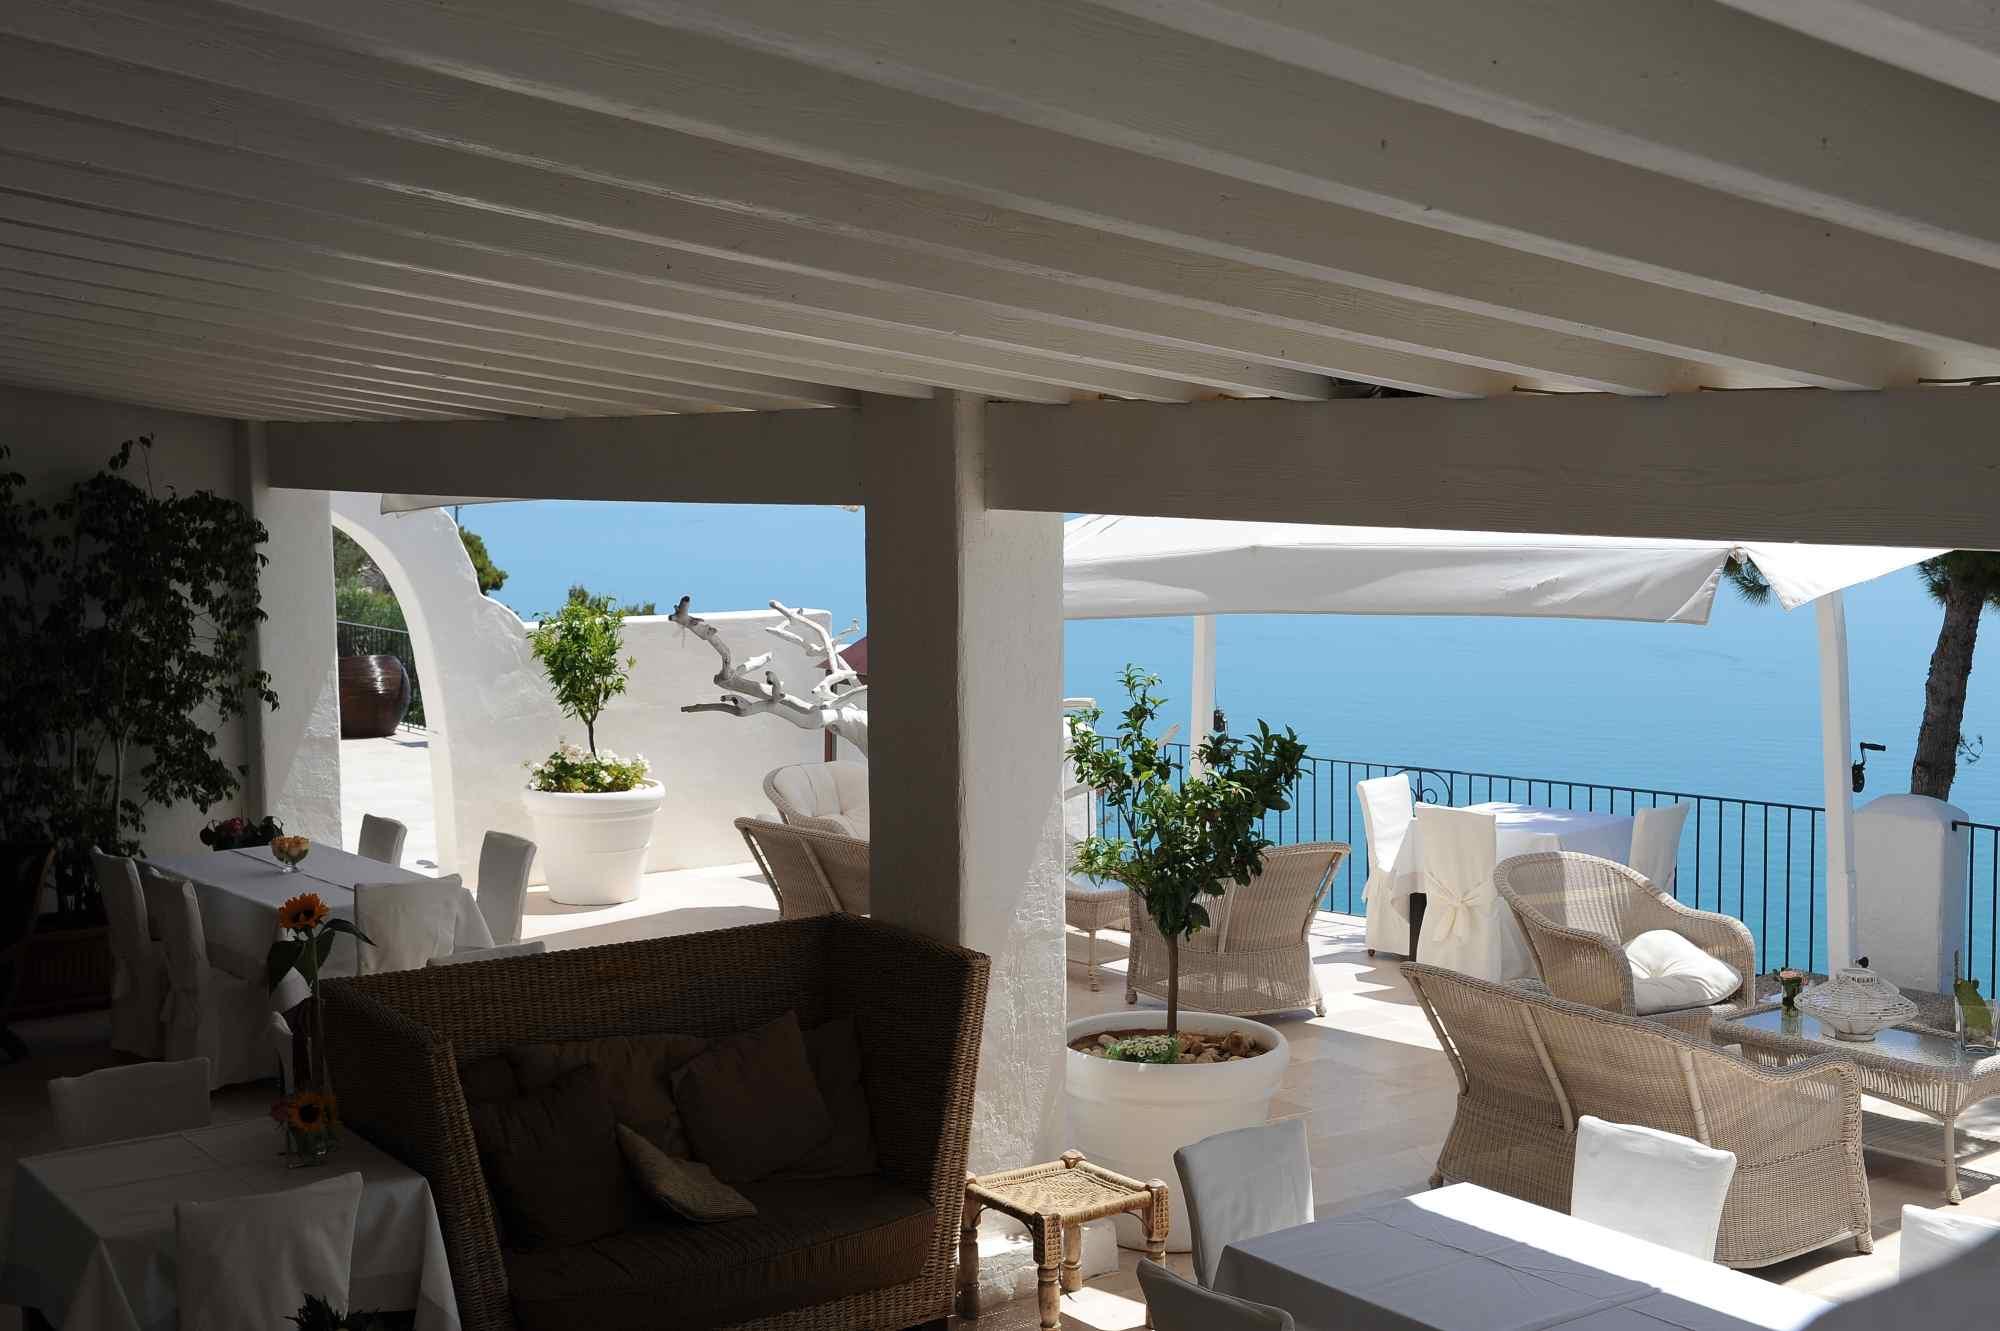 Bar ristorante esterno interno terrazza vista mare for Ristorante la vista